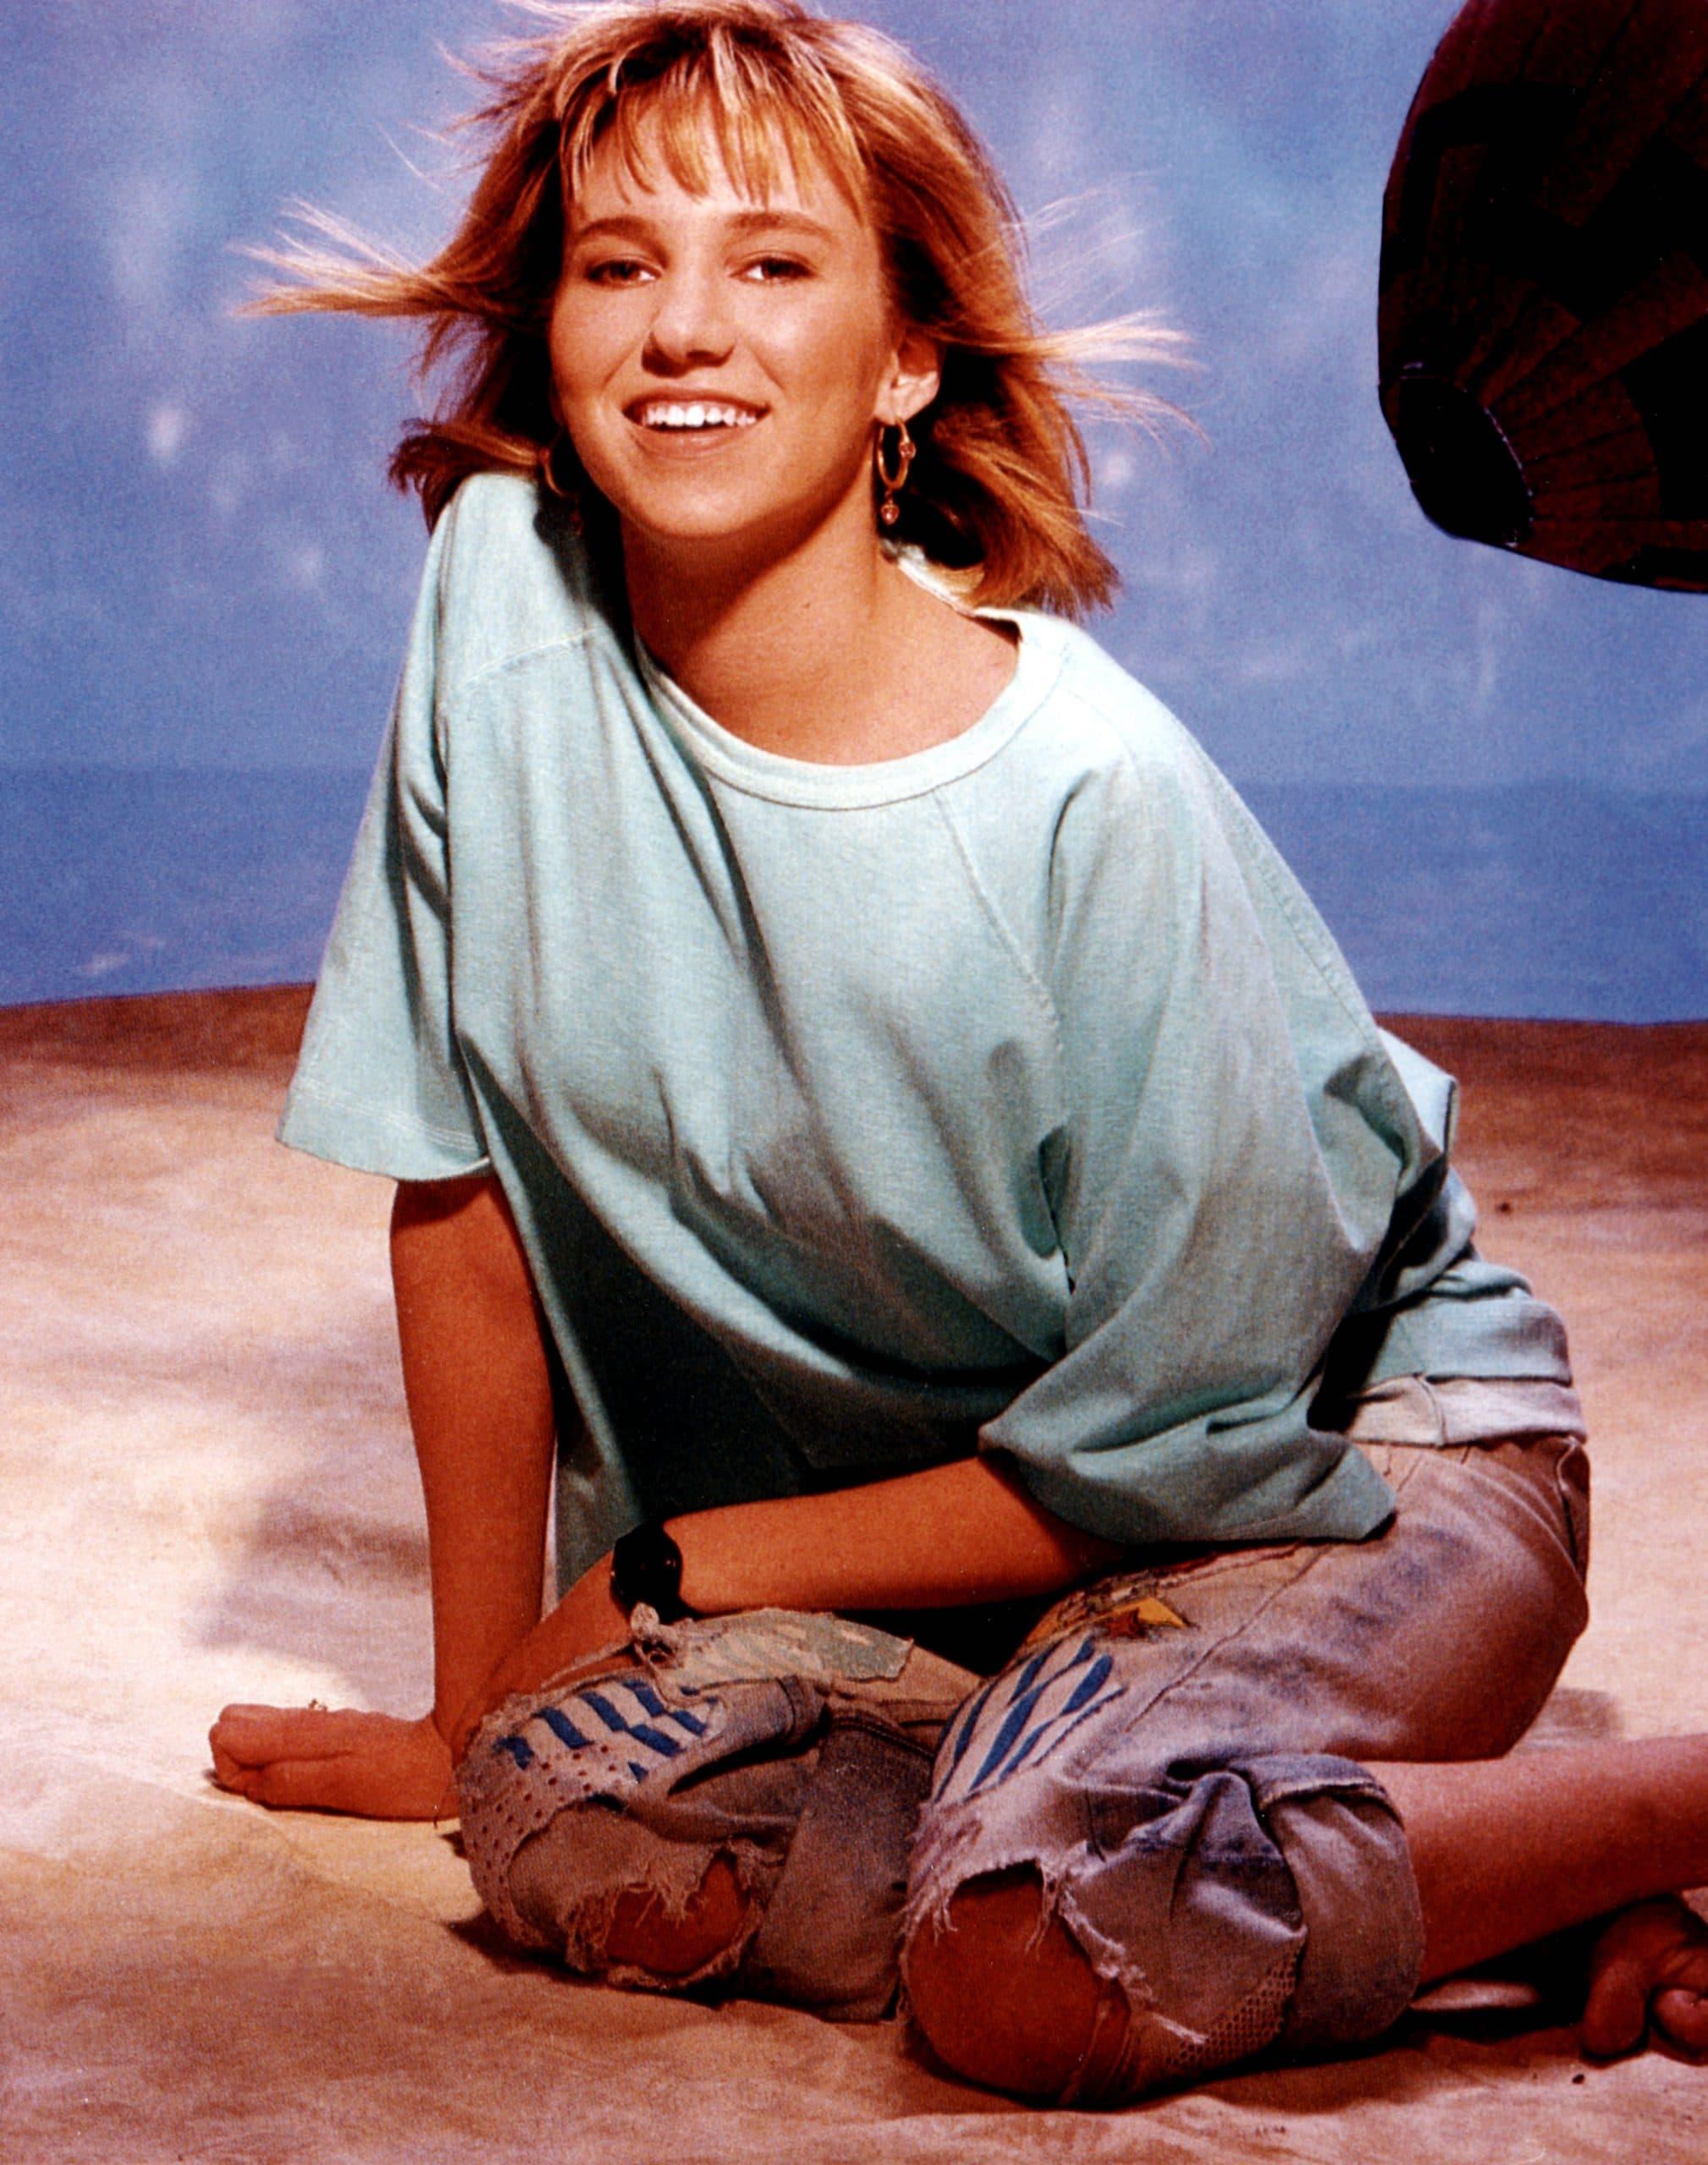 Debbie Gibson, circa 1988